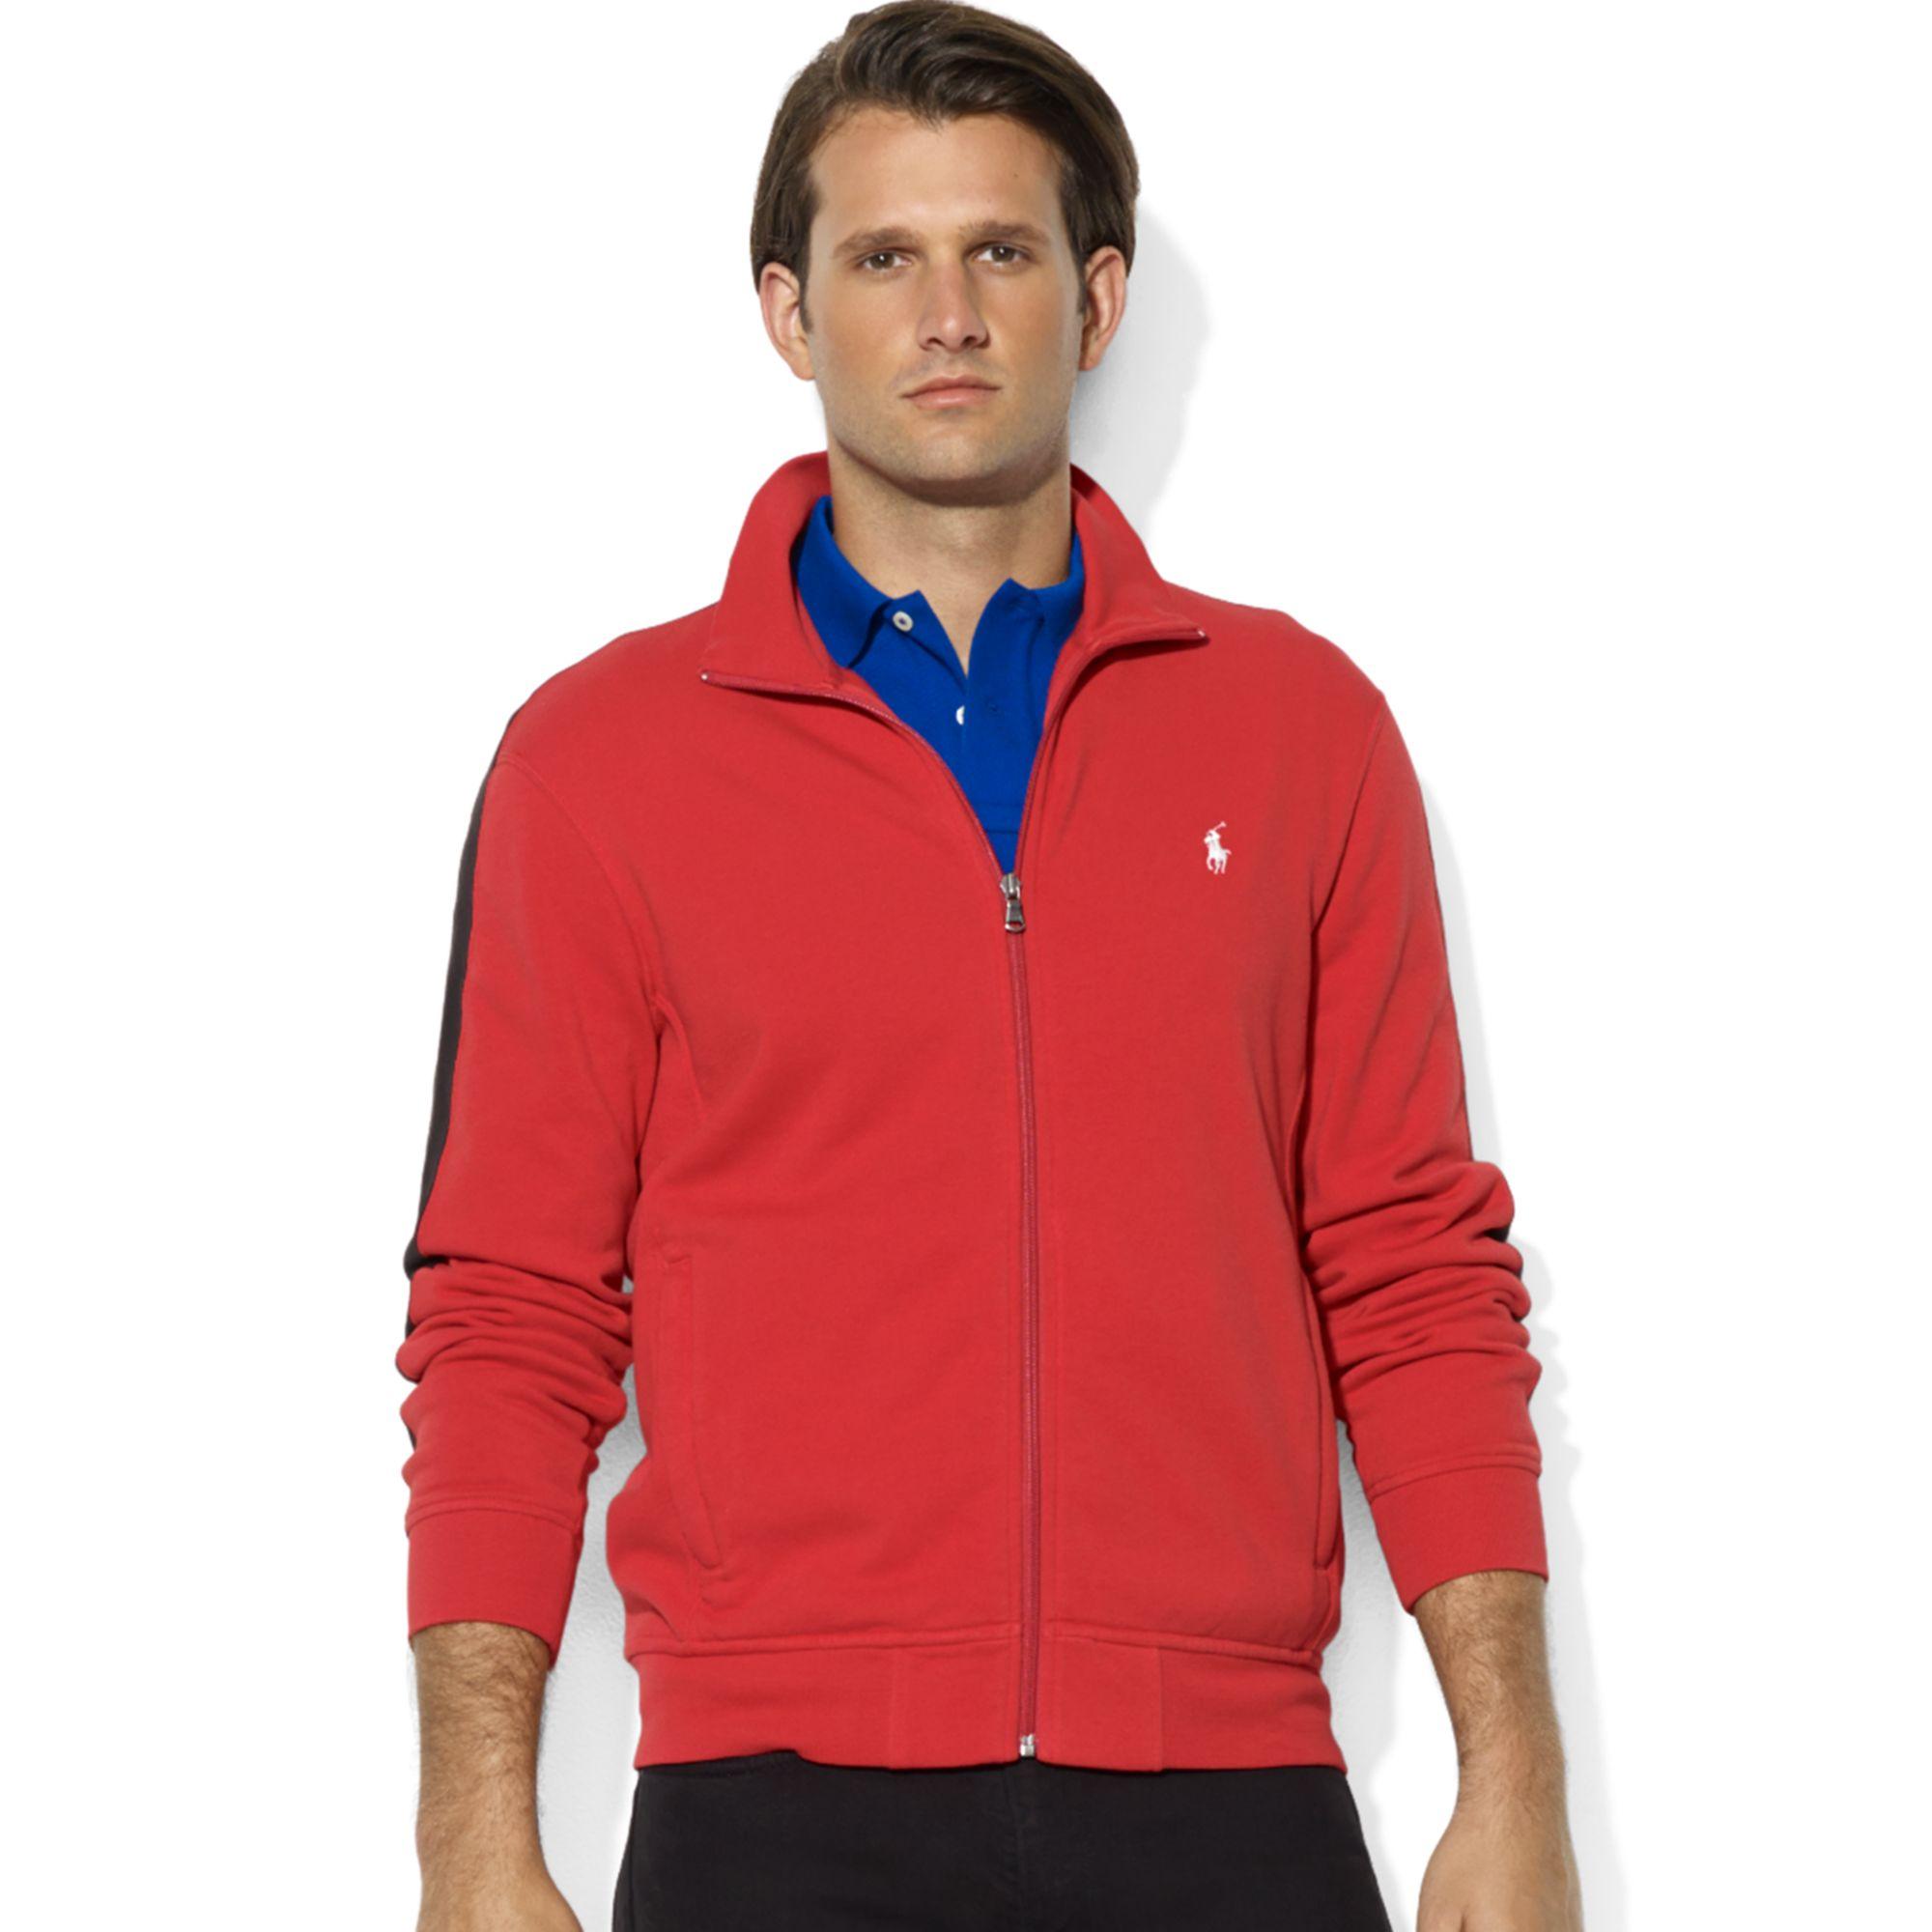 Ralph lauren Zip-front Mock Neck Fleece Jacket in Gray for